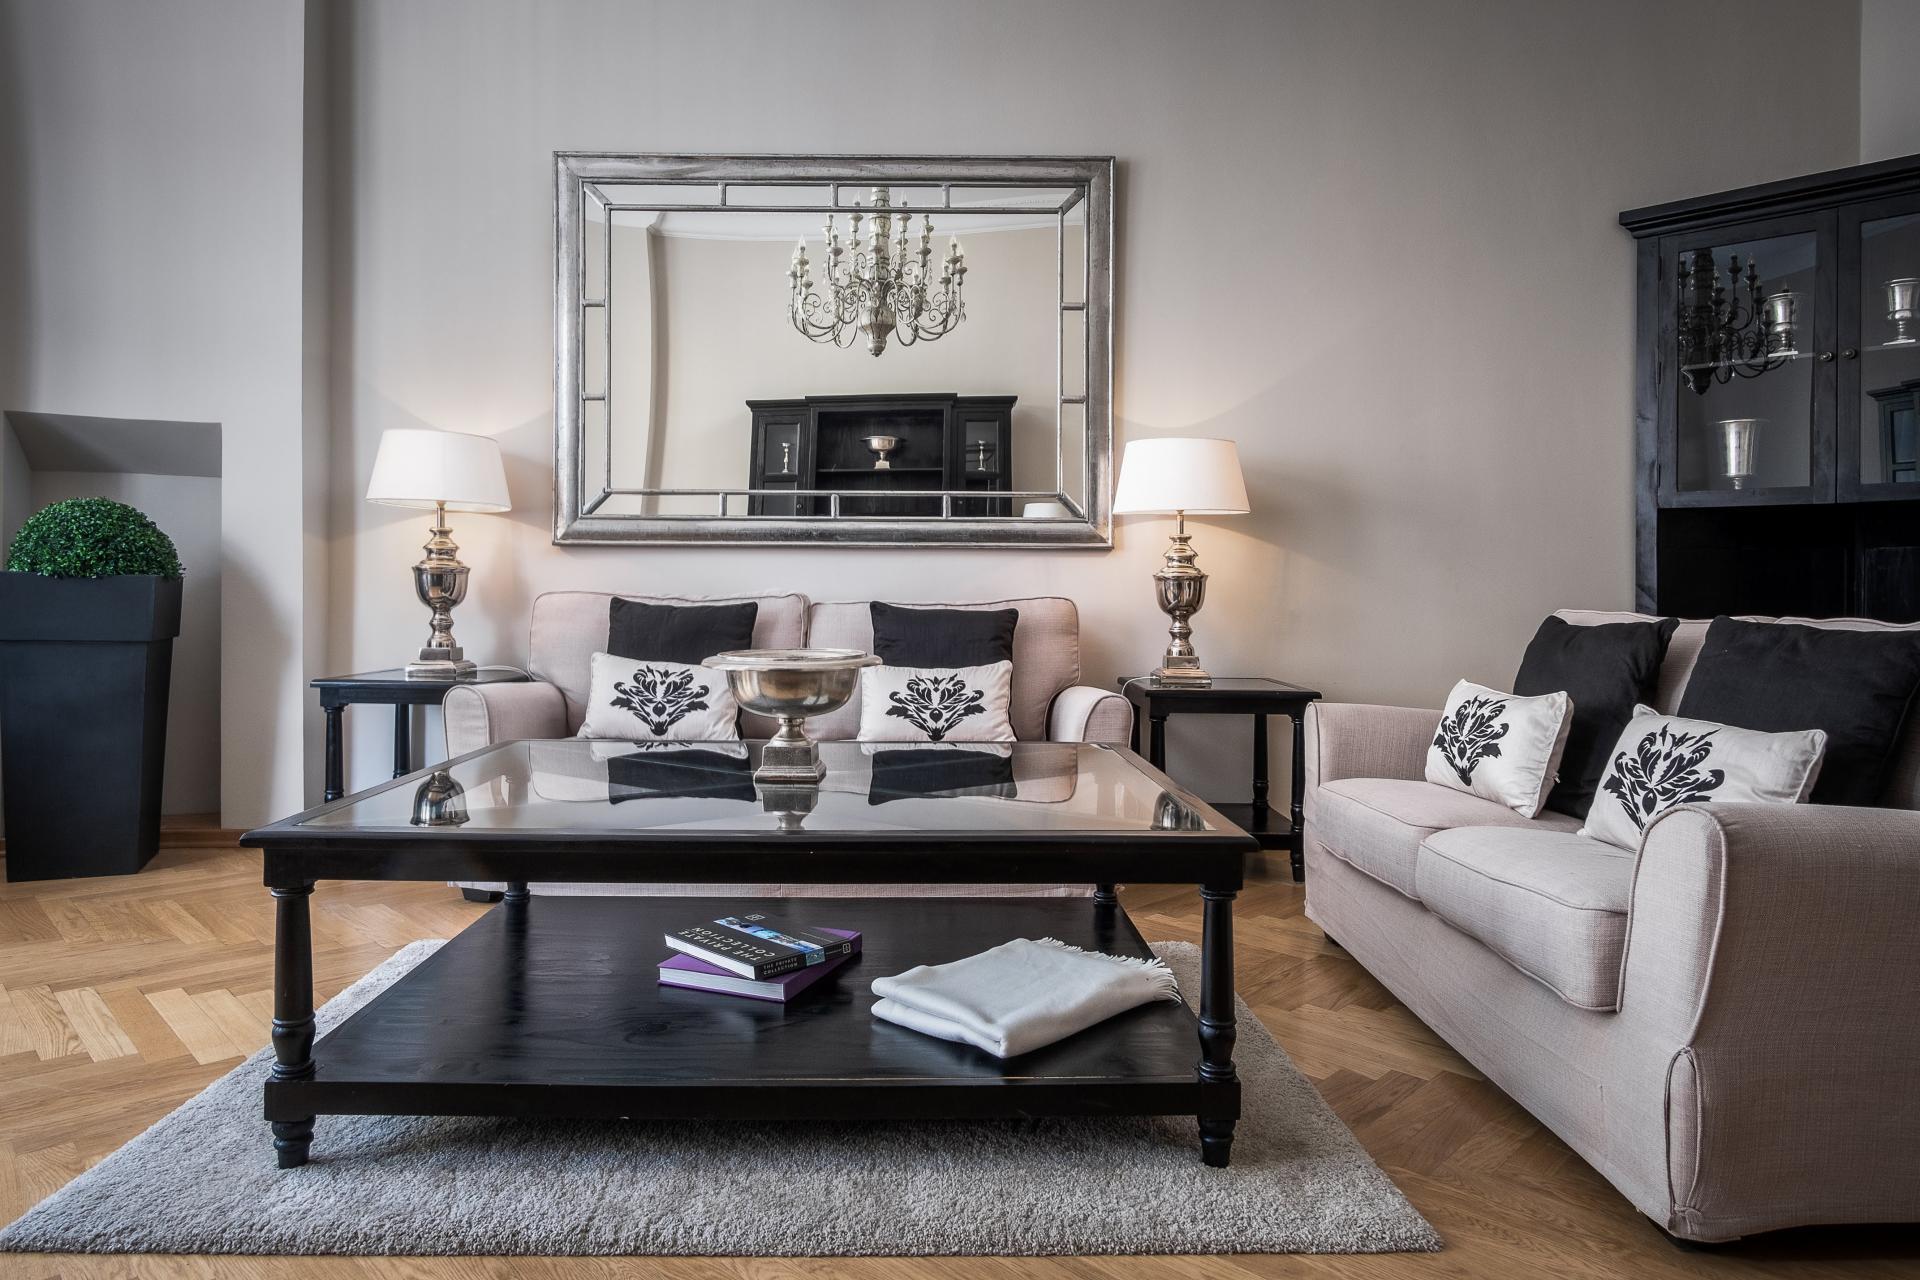 Living room at  Palacina Berlin Apartments - Citybase Apartments